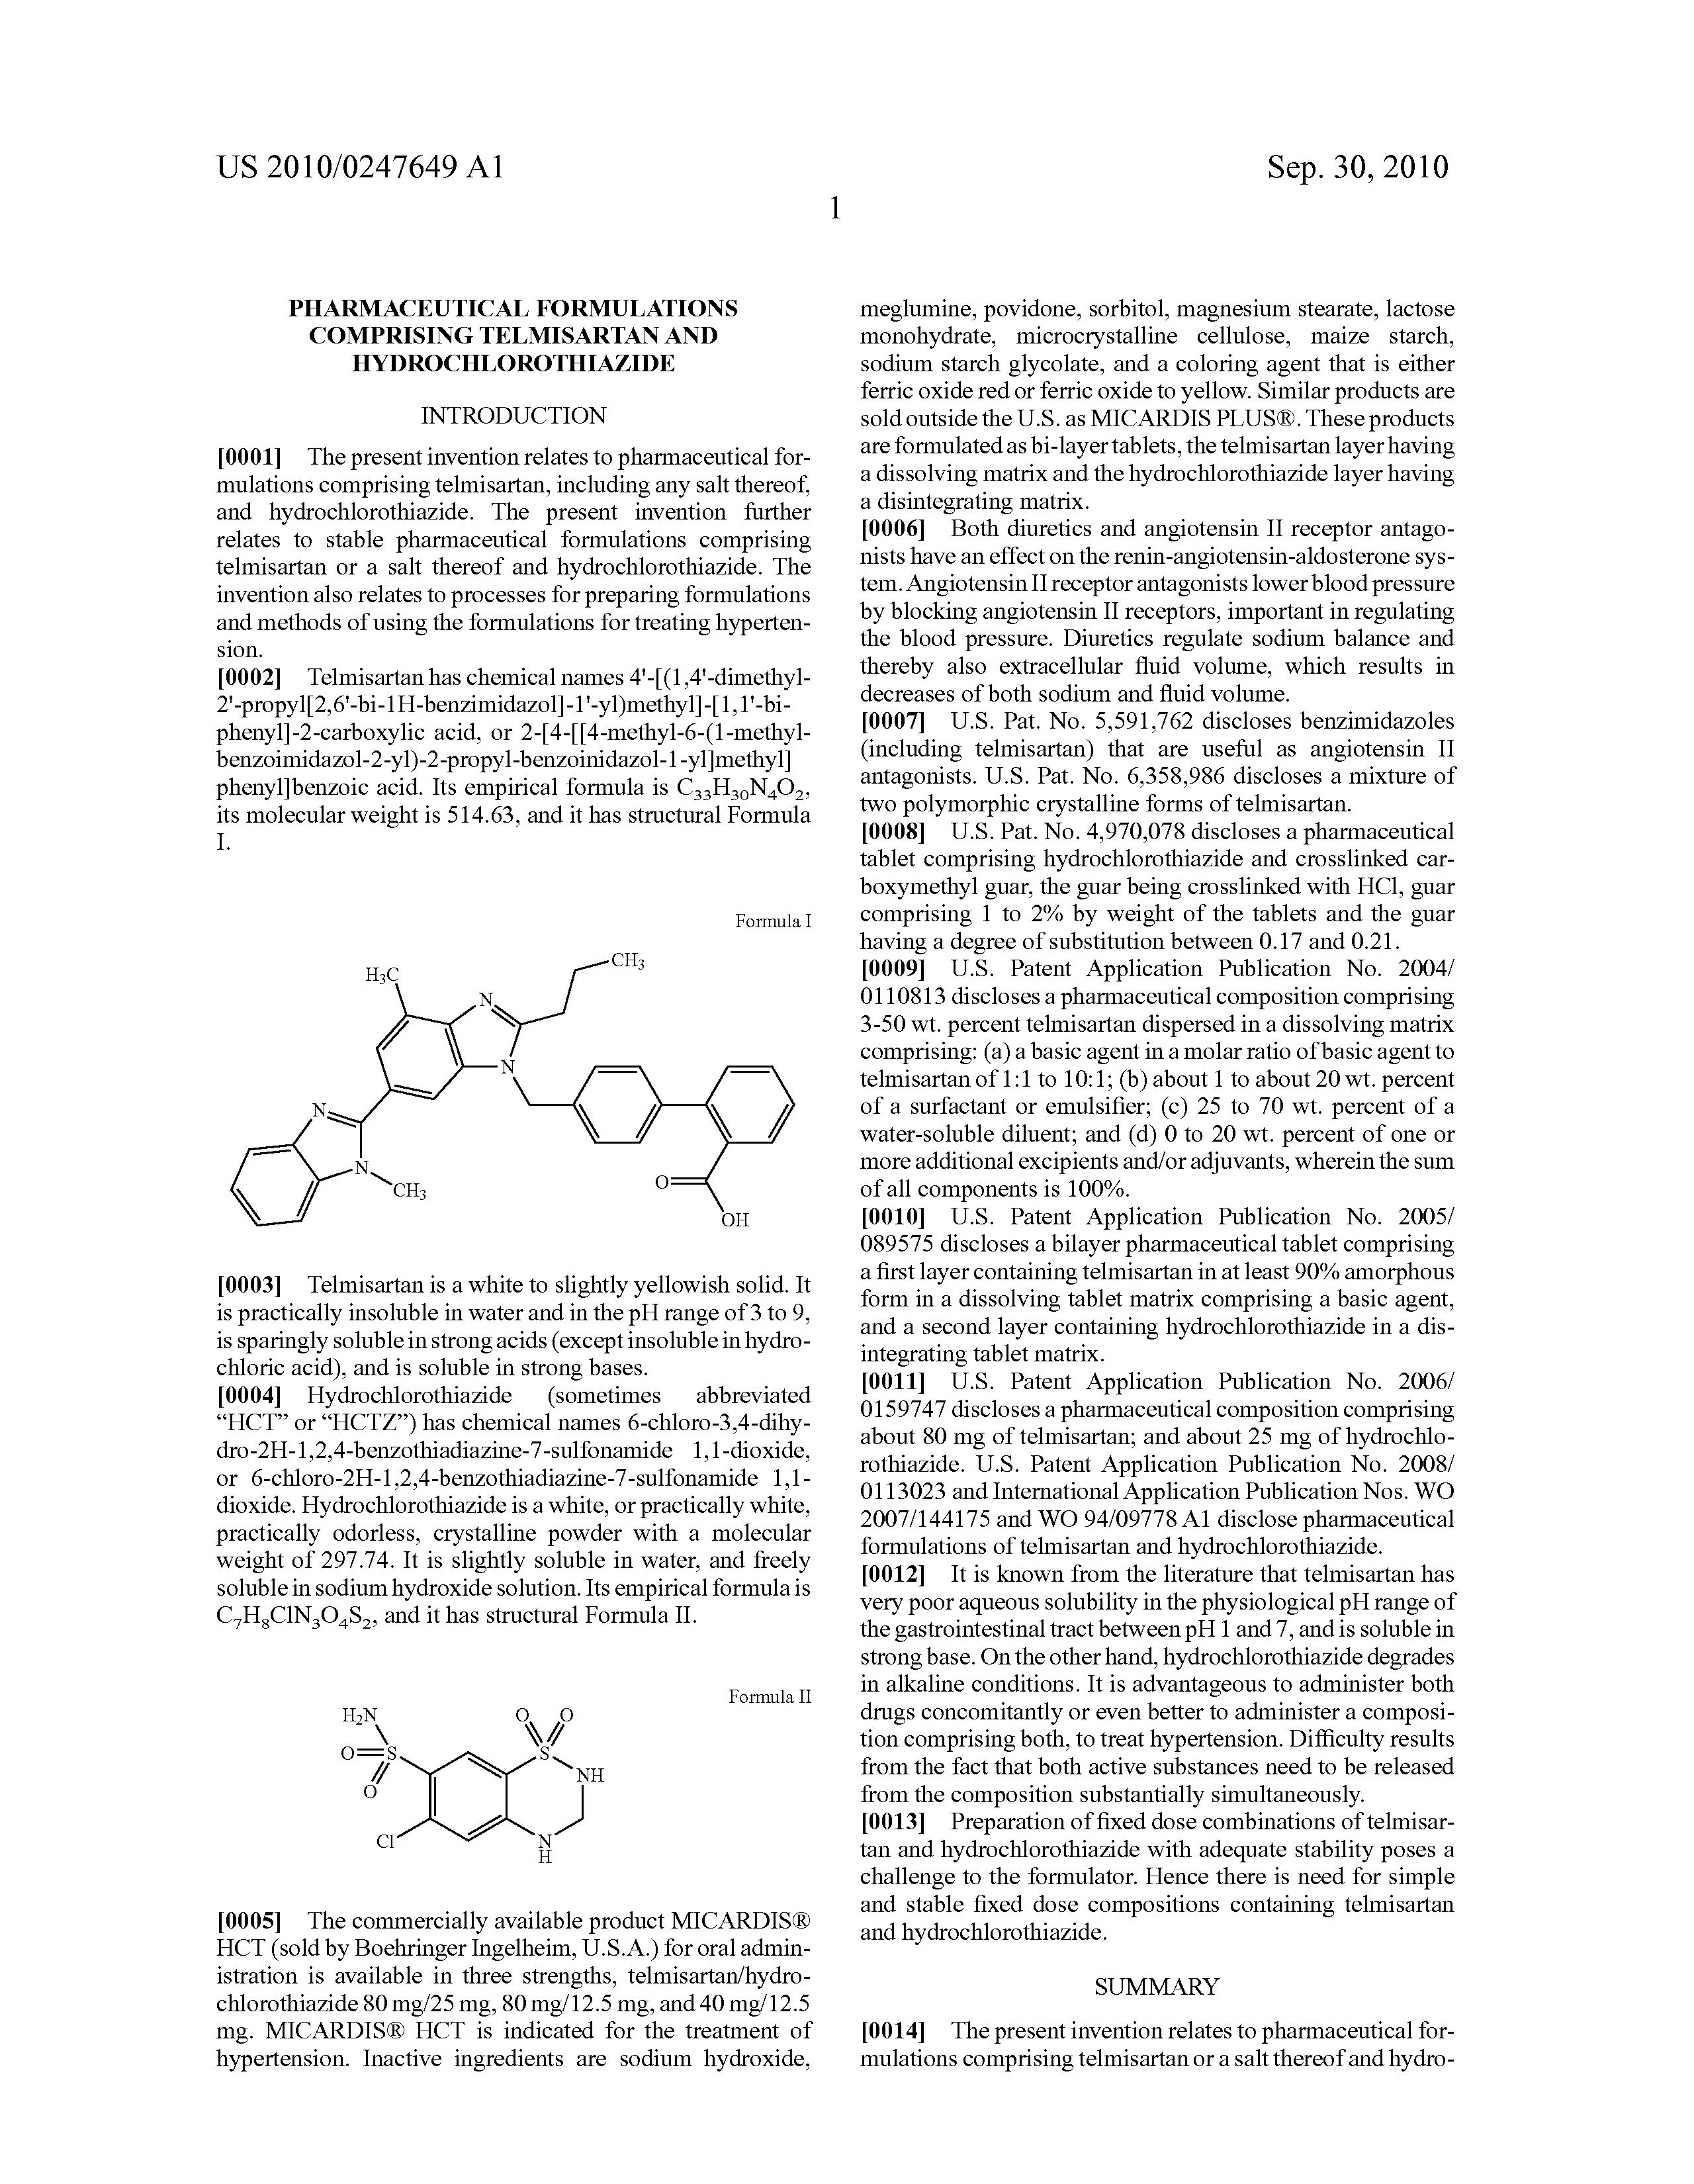 Buying hydrochlorothiazide with no prescription